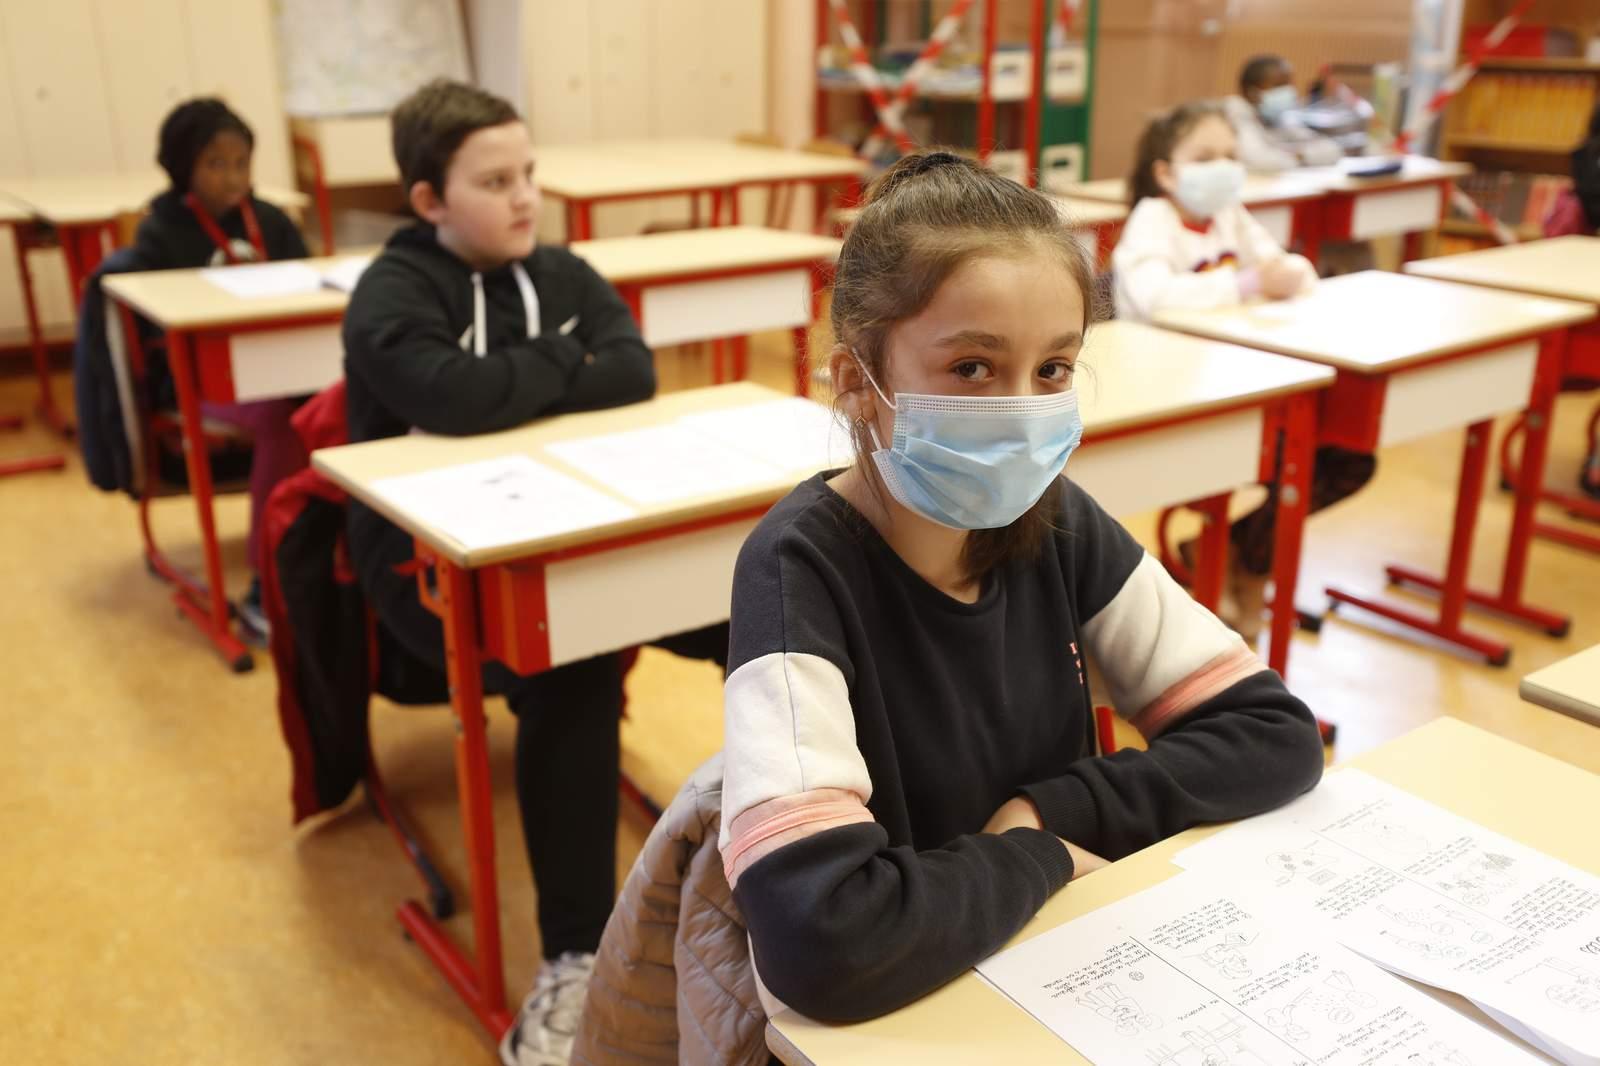 Ce pățesc elevii din România dacă fac asta